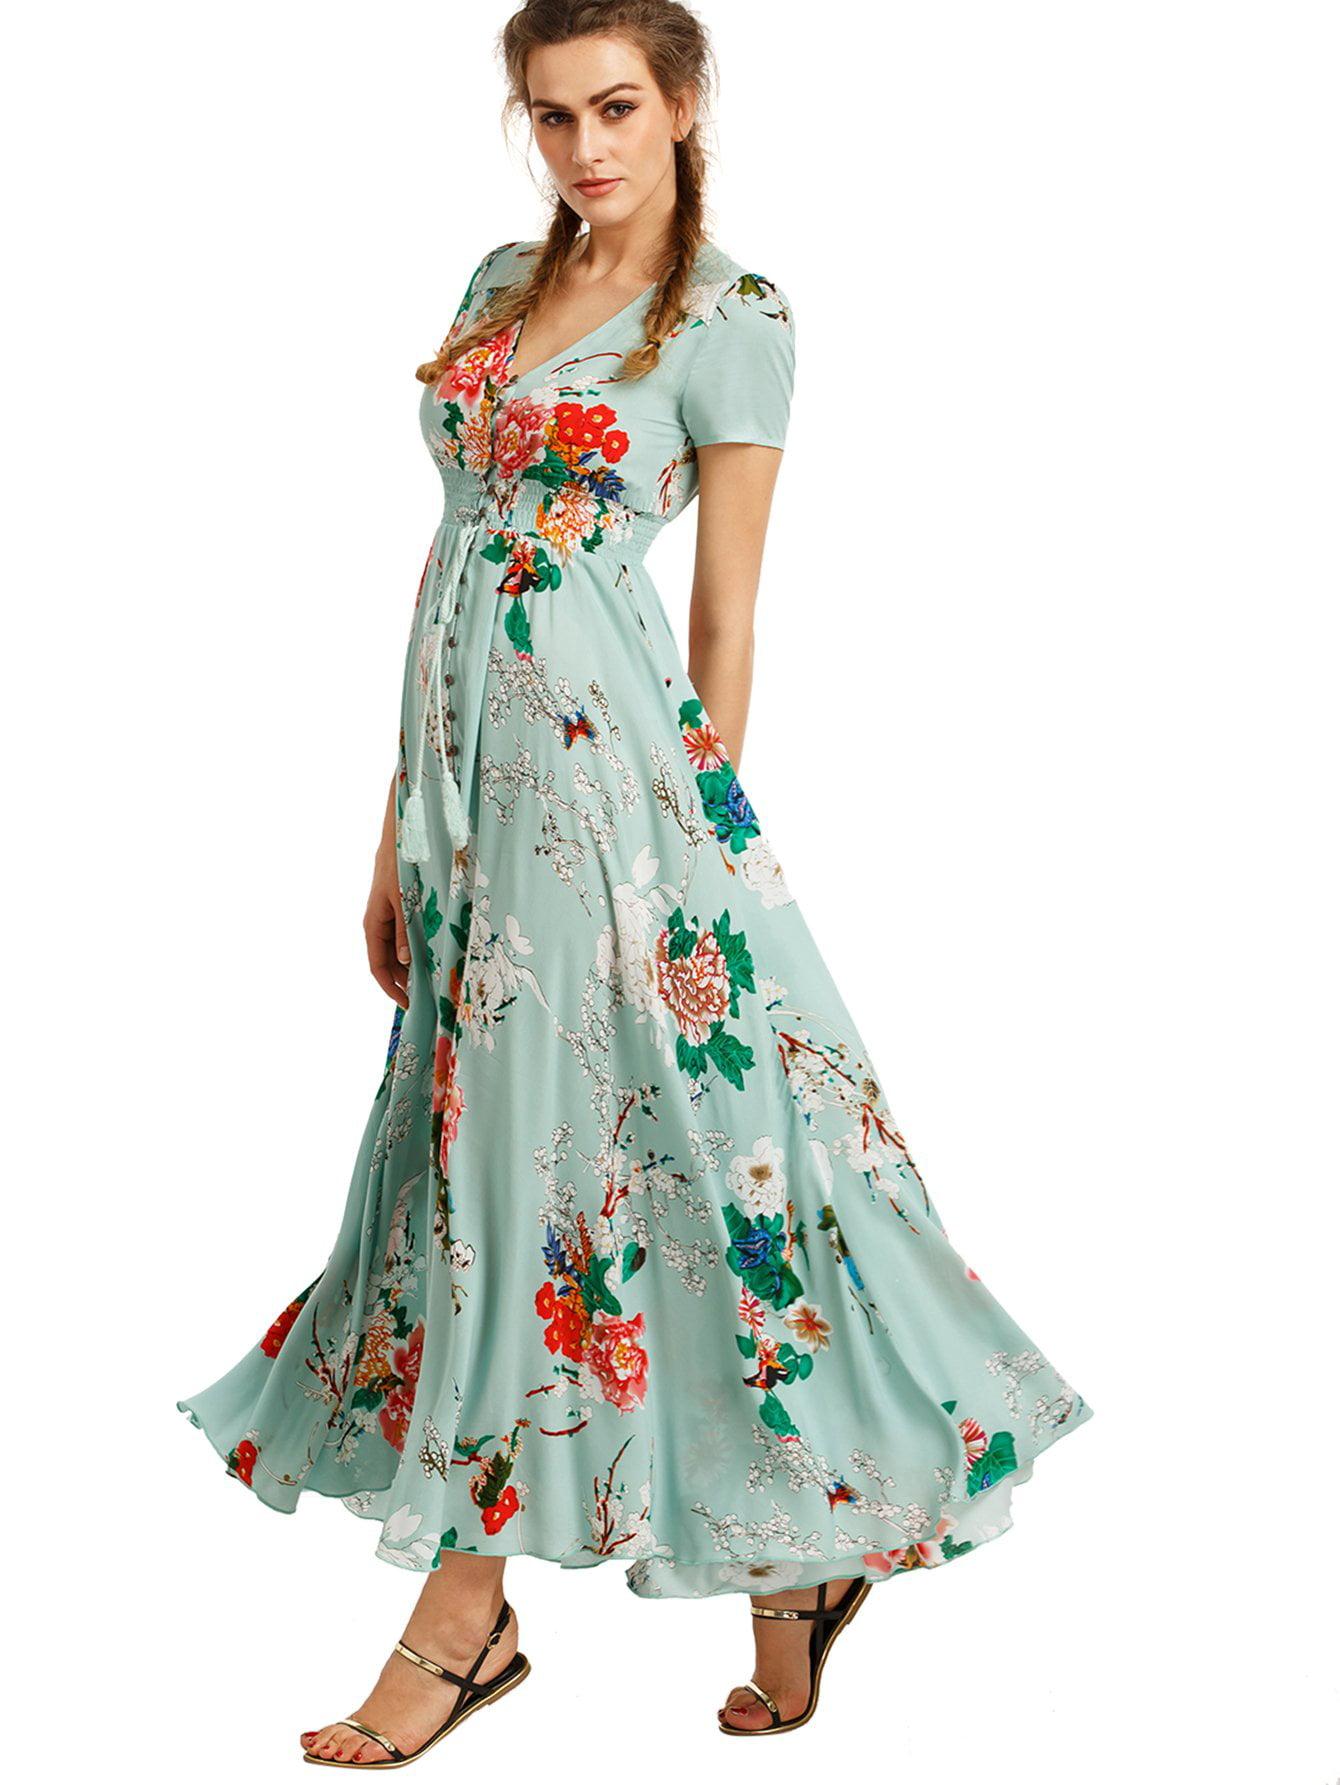 3 in 1 maxi dress 3xl